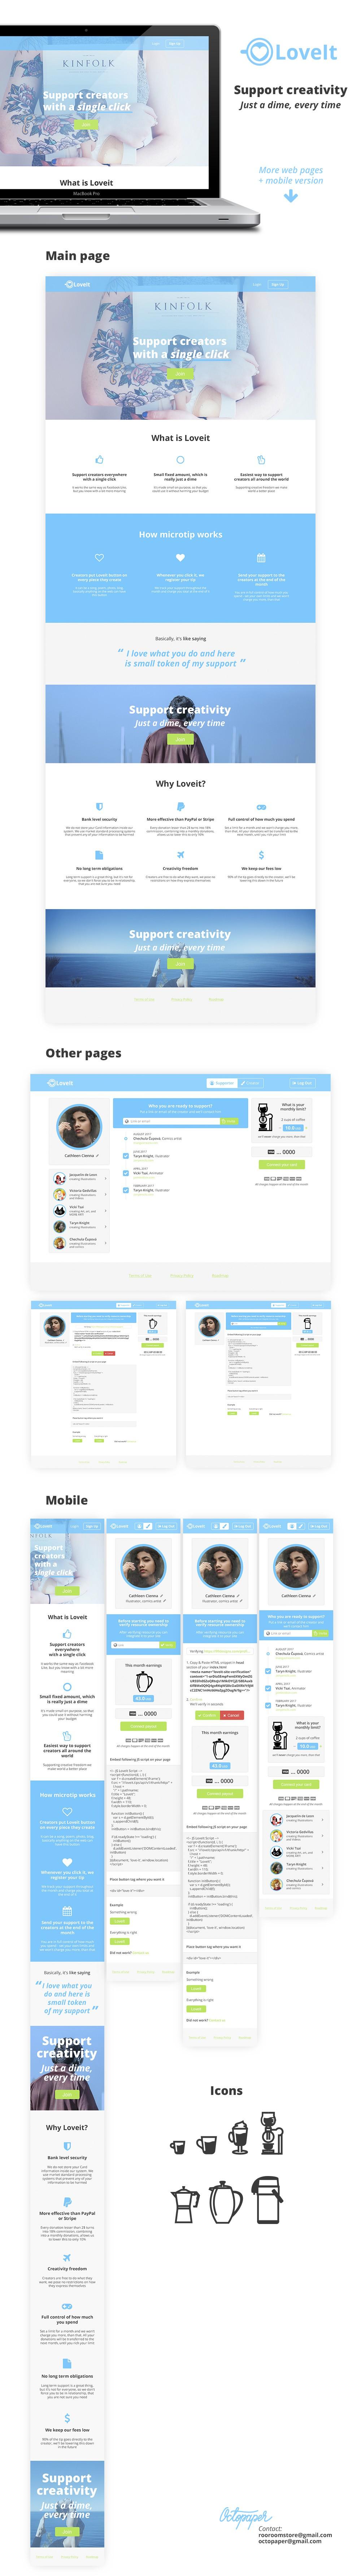 Design for a microtip platform